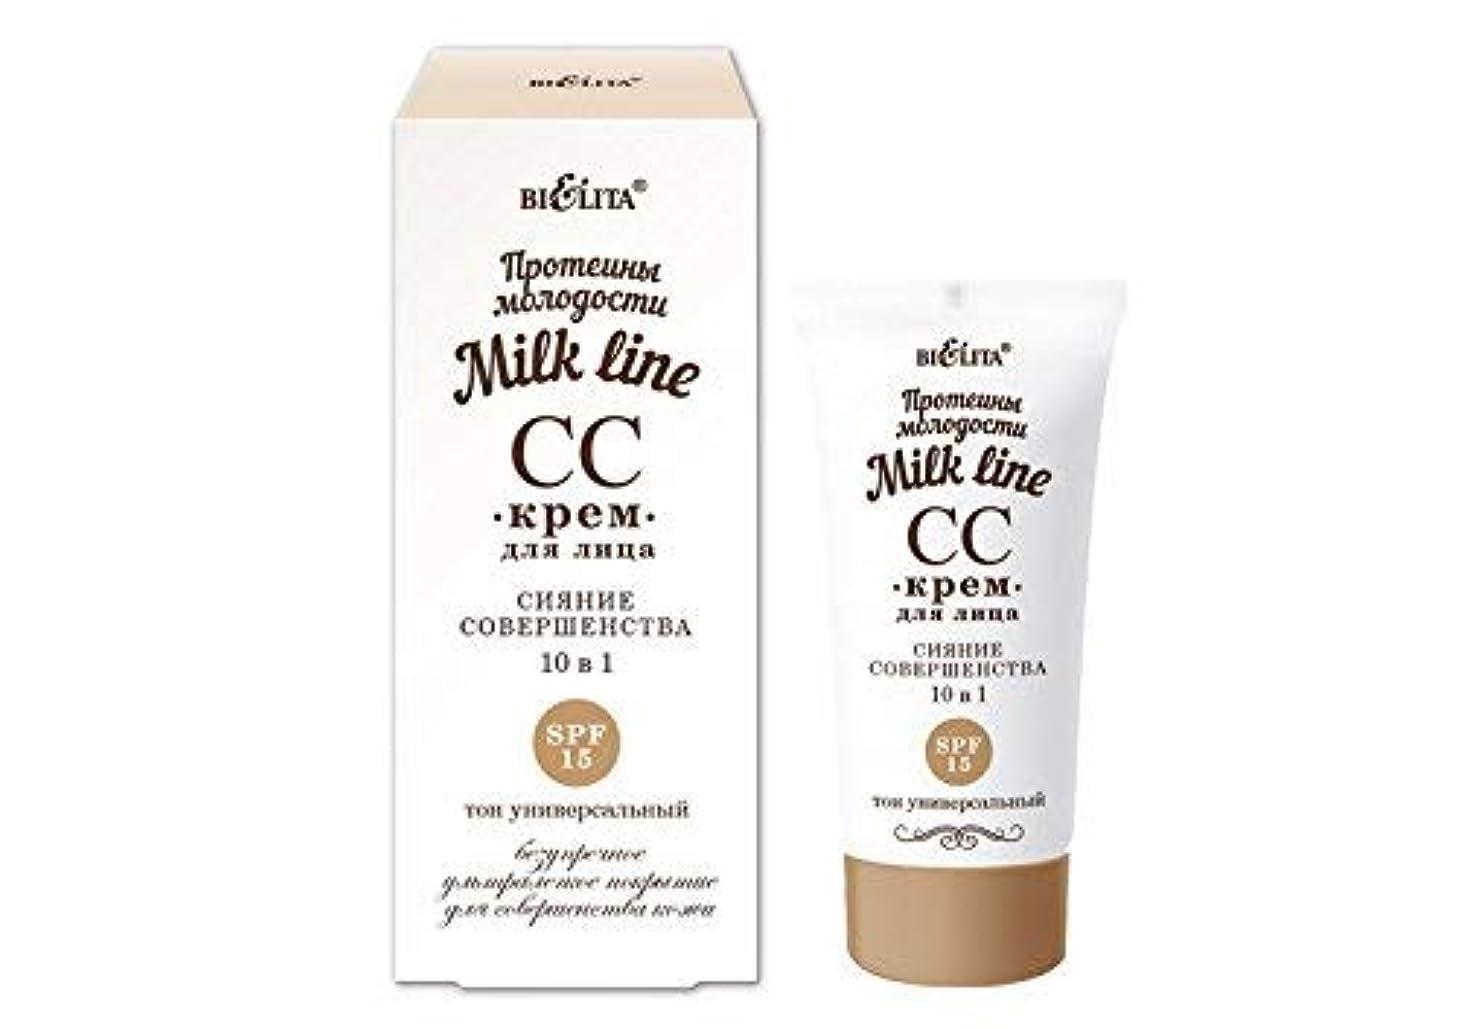 革命的はがきミサイルCC Cream,based on goat's milk Total Effects Tone Correcting Moisturizer with Sunscreen, Light to Medium 10 effects...